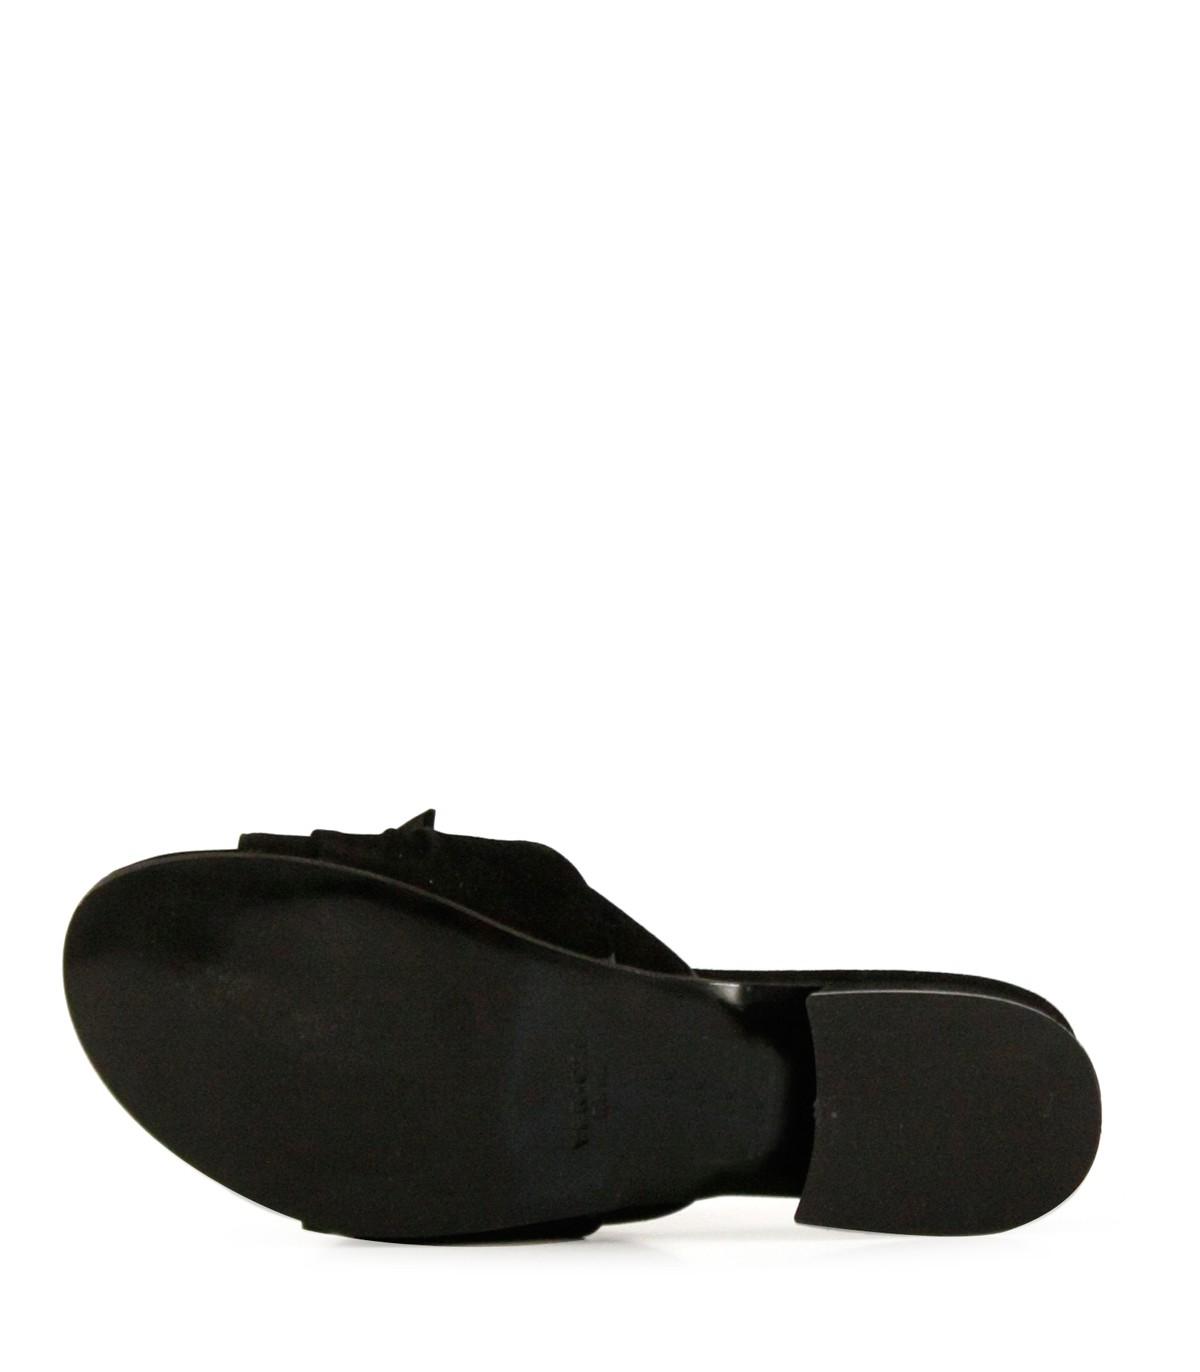 0cdeb19ade Sandalias bajas de gamuza negra con moño| Mujeres | Batistella